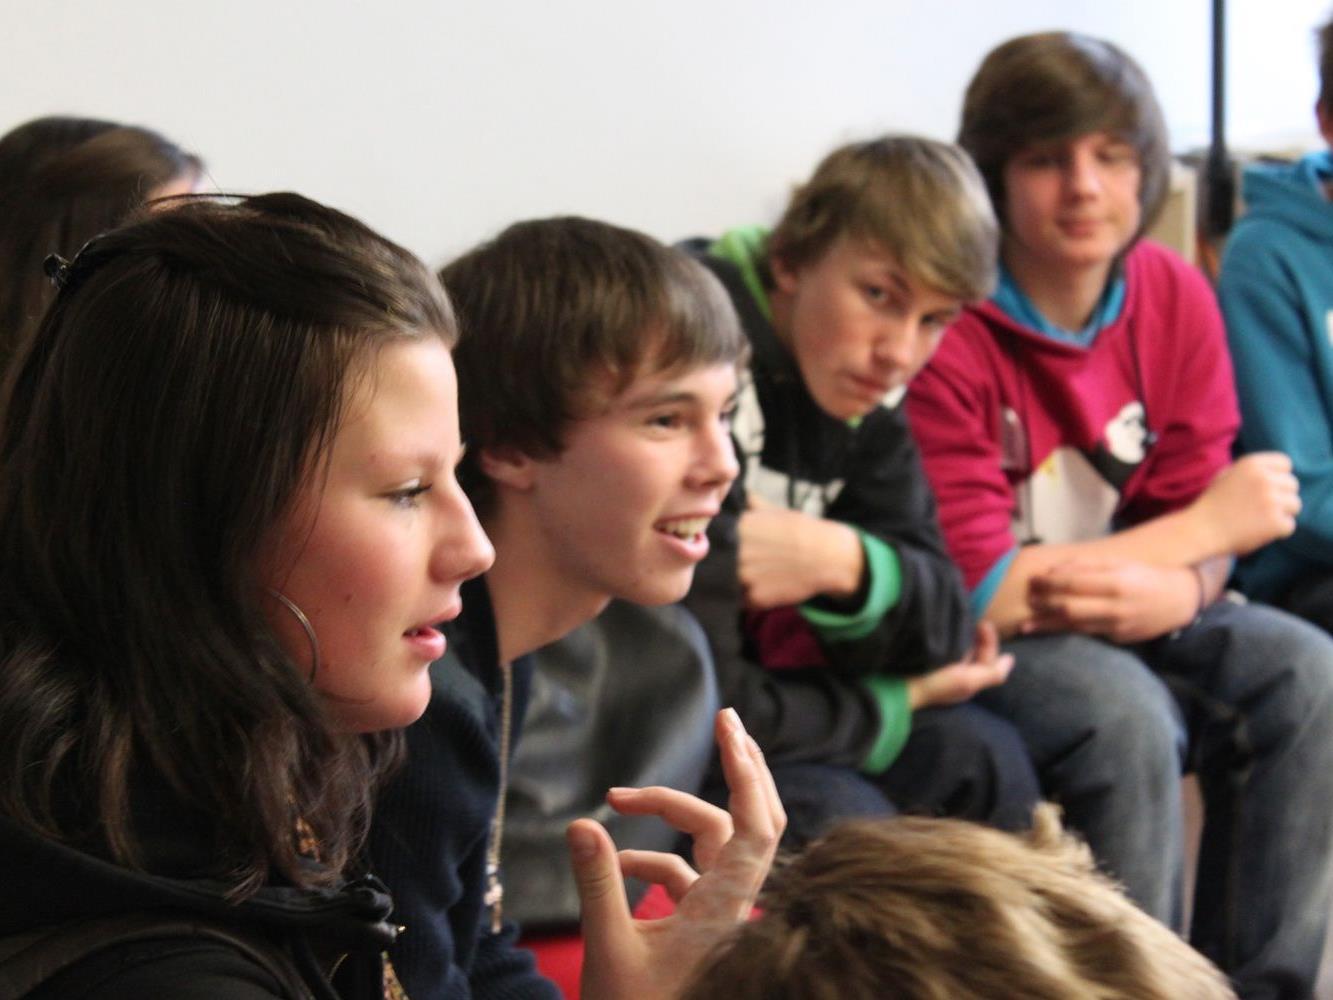 Der nächste FrageRaum Politik findet am 10. Dezember in Bregenz (shed 8) statt. Die Jugendlichen diskutierten mit den PolitikerInnen über aktuelle Themen.